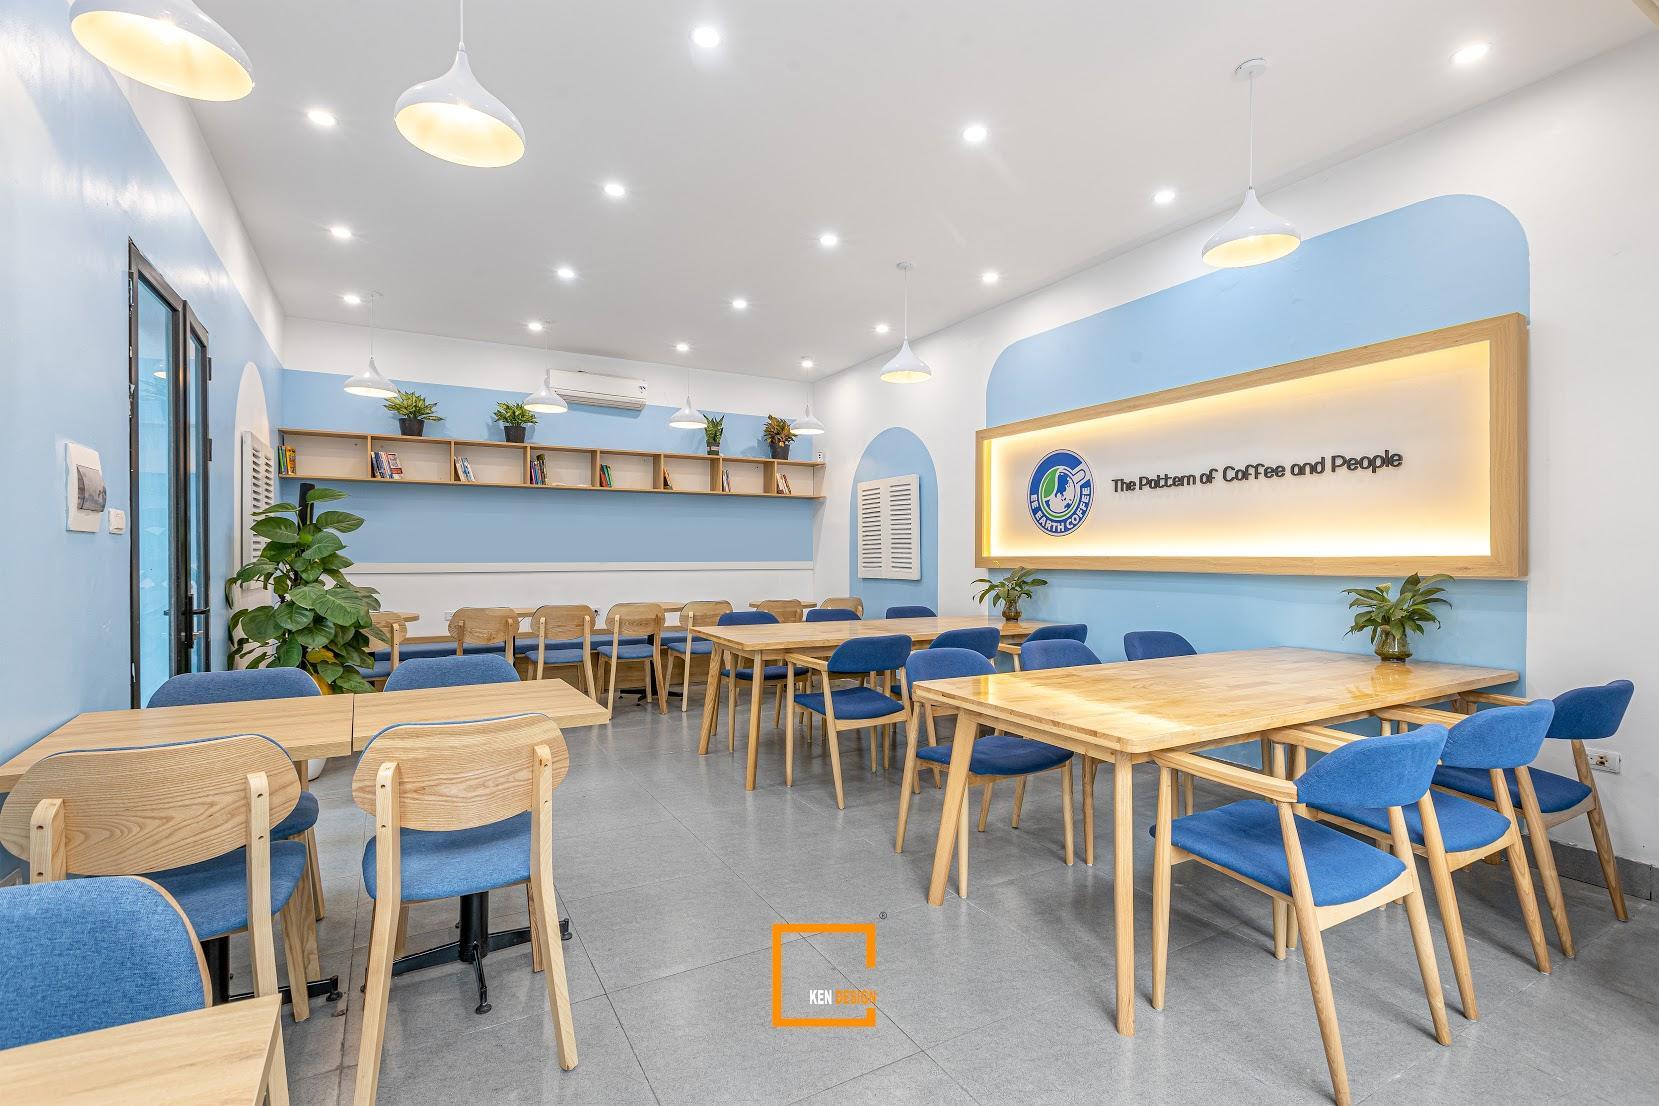 Ngắm nhìn những thiết kế cafe văn phòng độc đáo tại Việt Nam